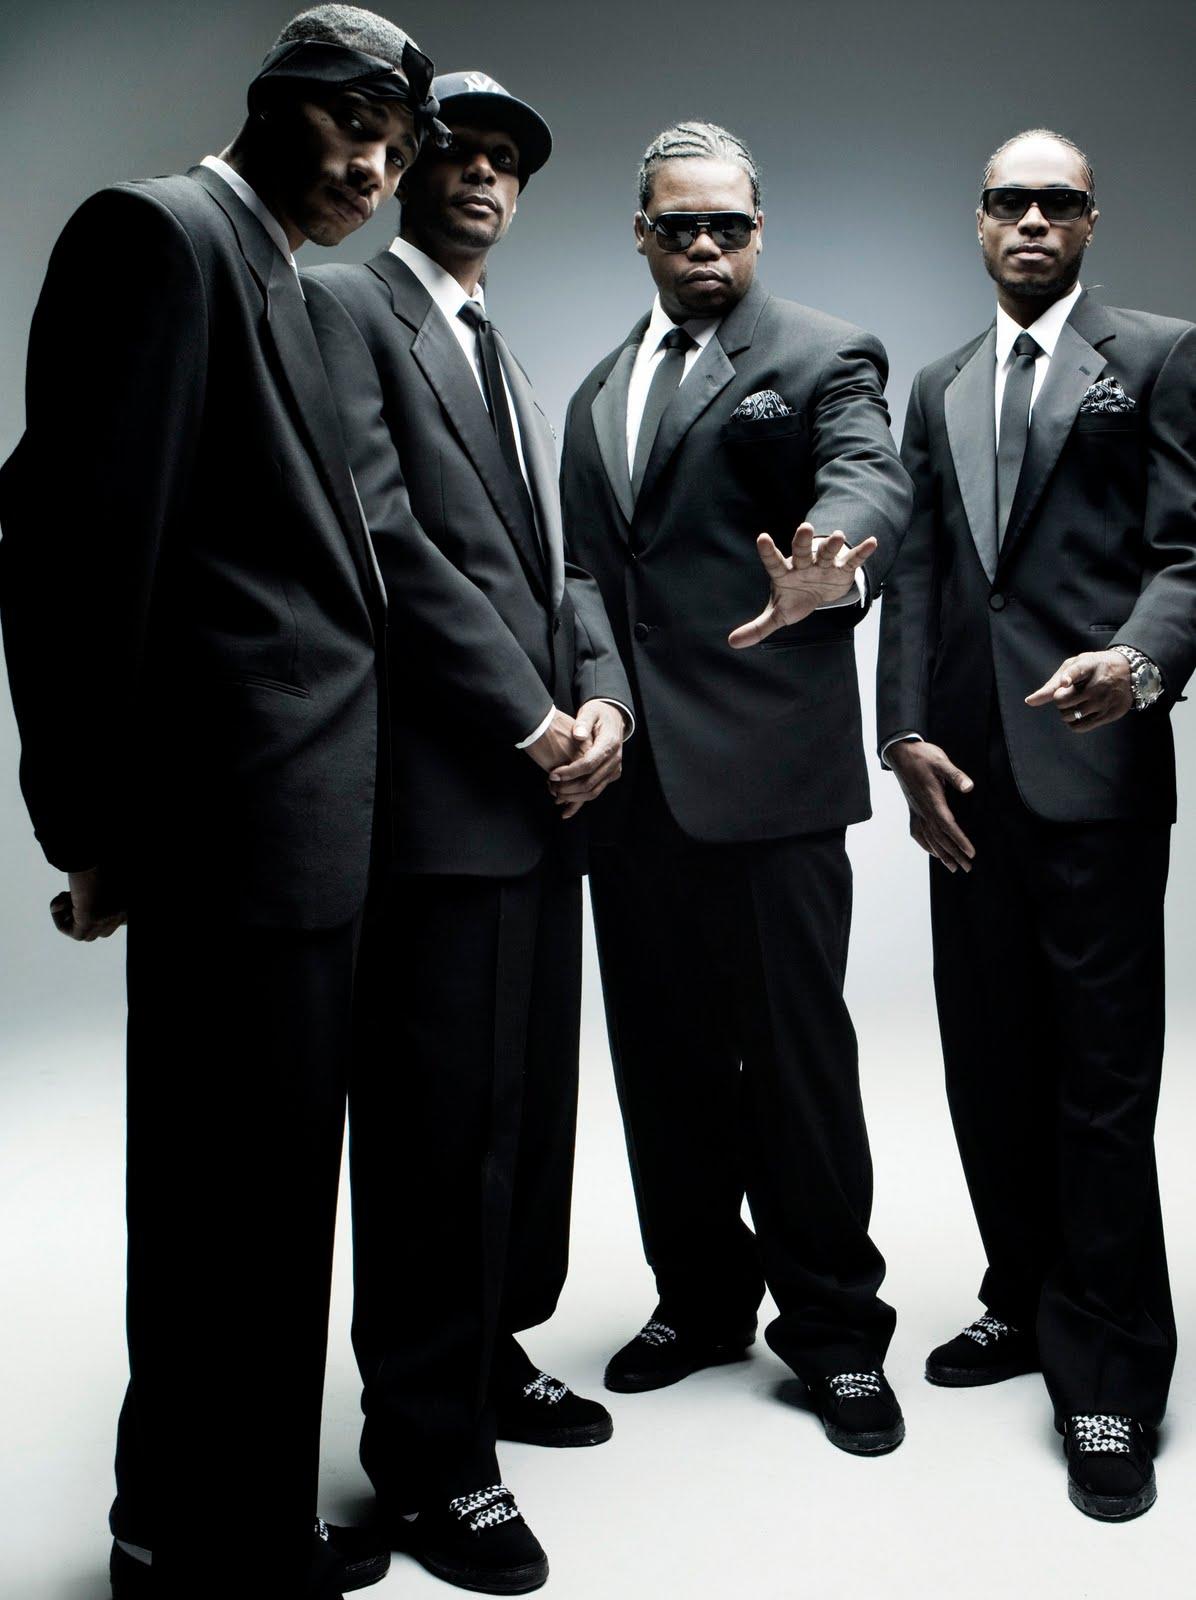 http://1.bp.blogspot.com/_nAr60VAeeJ8/TJjk7mW4JsI/AAAAAAAAADI/2LbyvnNLbCQ/s1600/Bone_Thugs_Photo.jpg